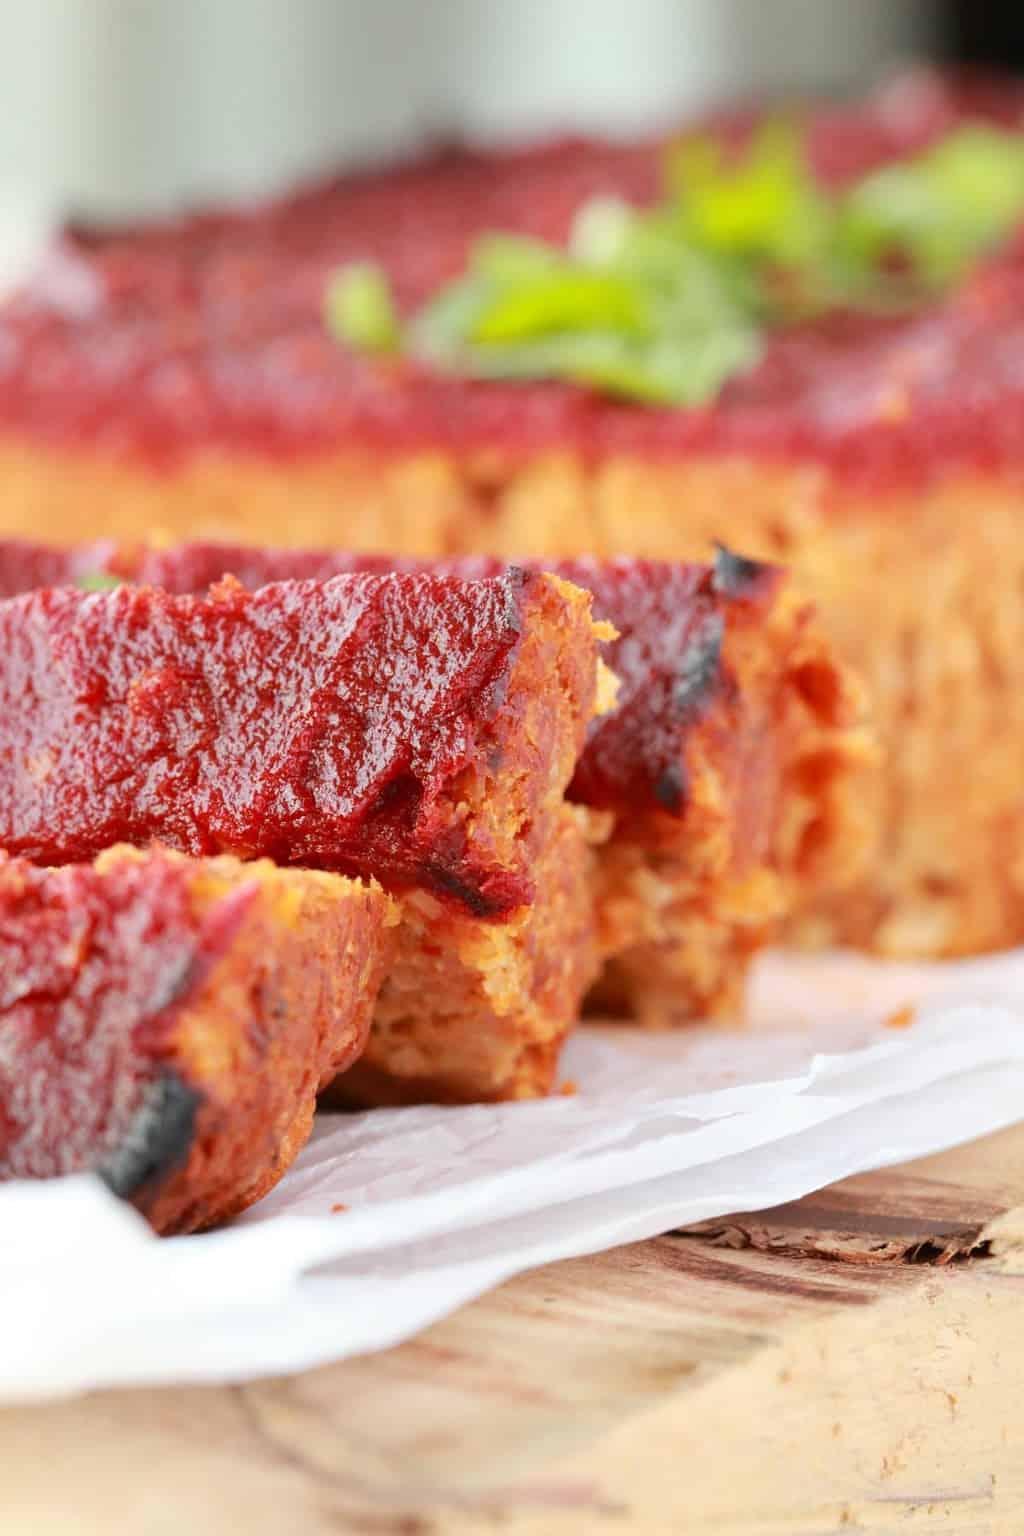 Sliced vegan meatloaf with fresh basil on top.